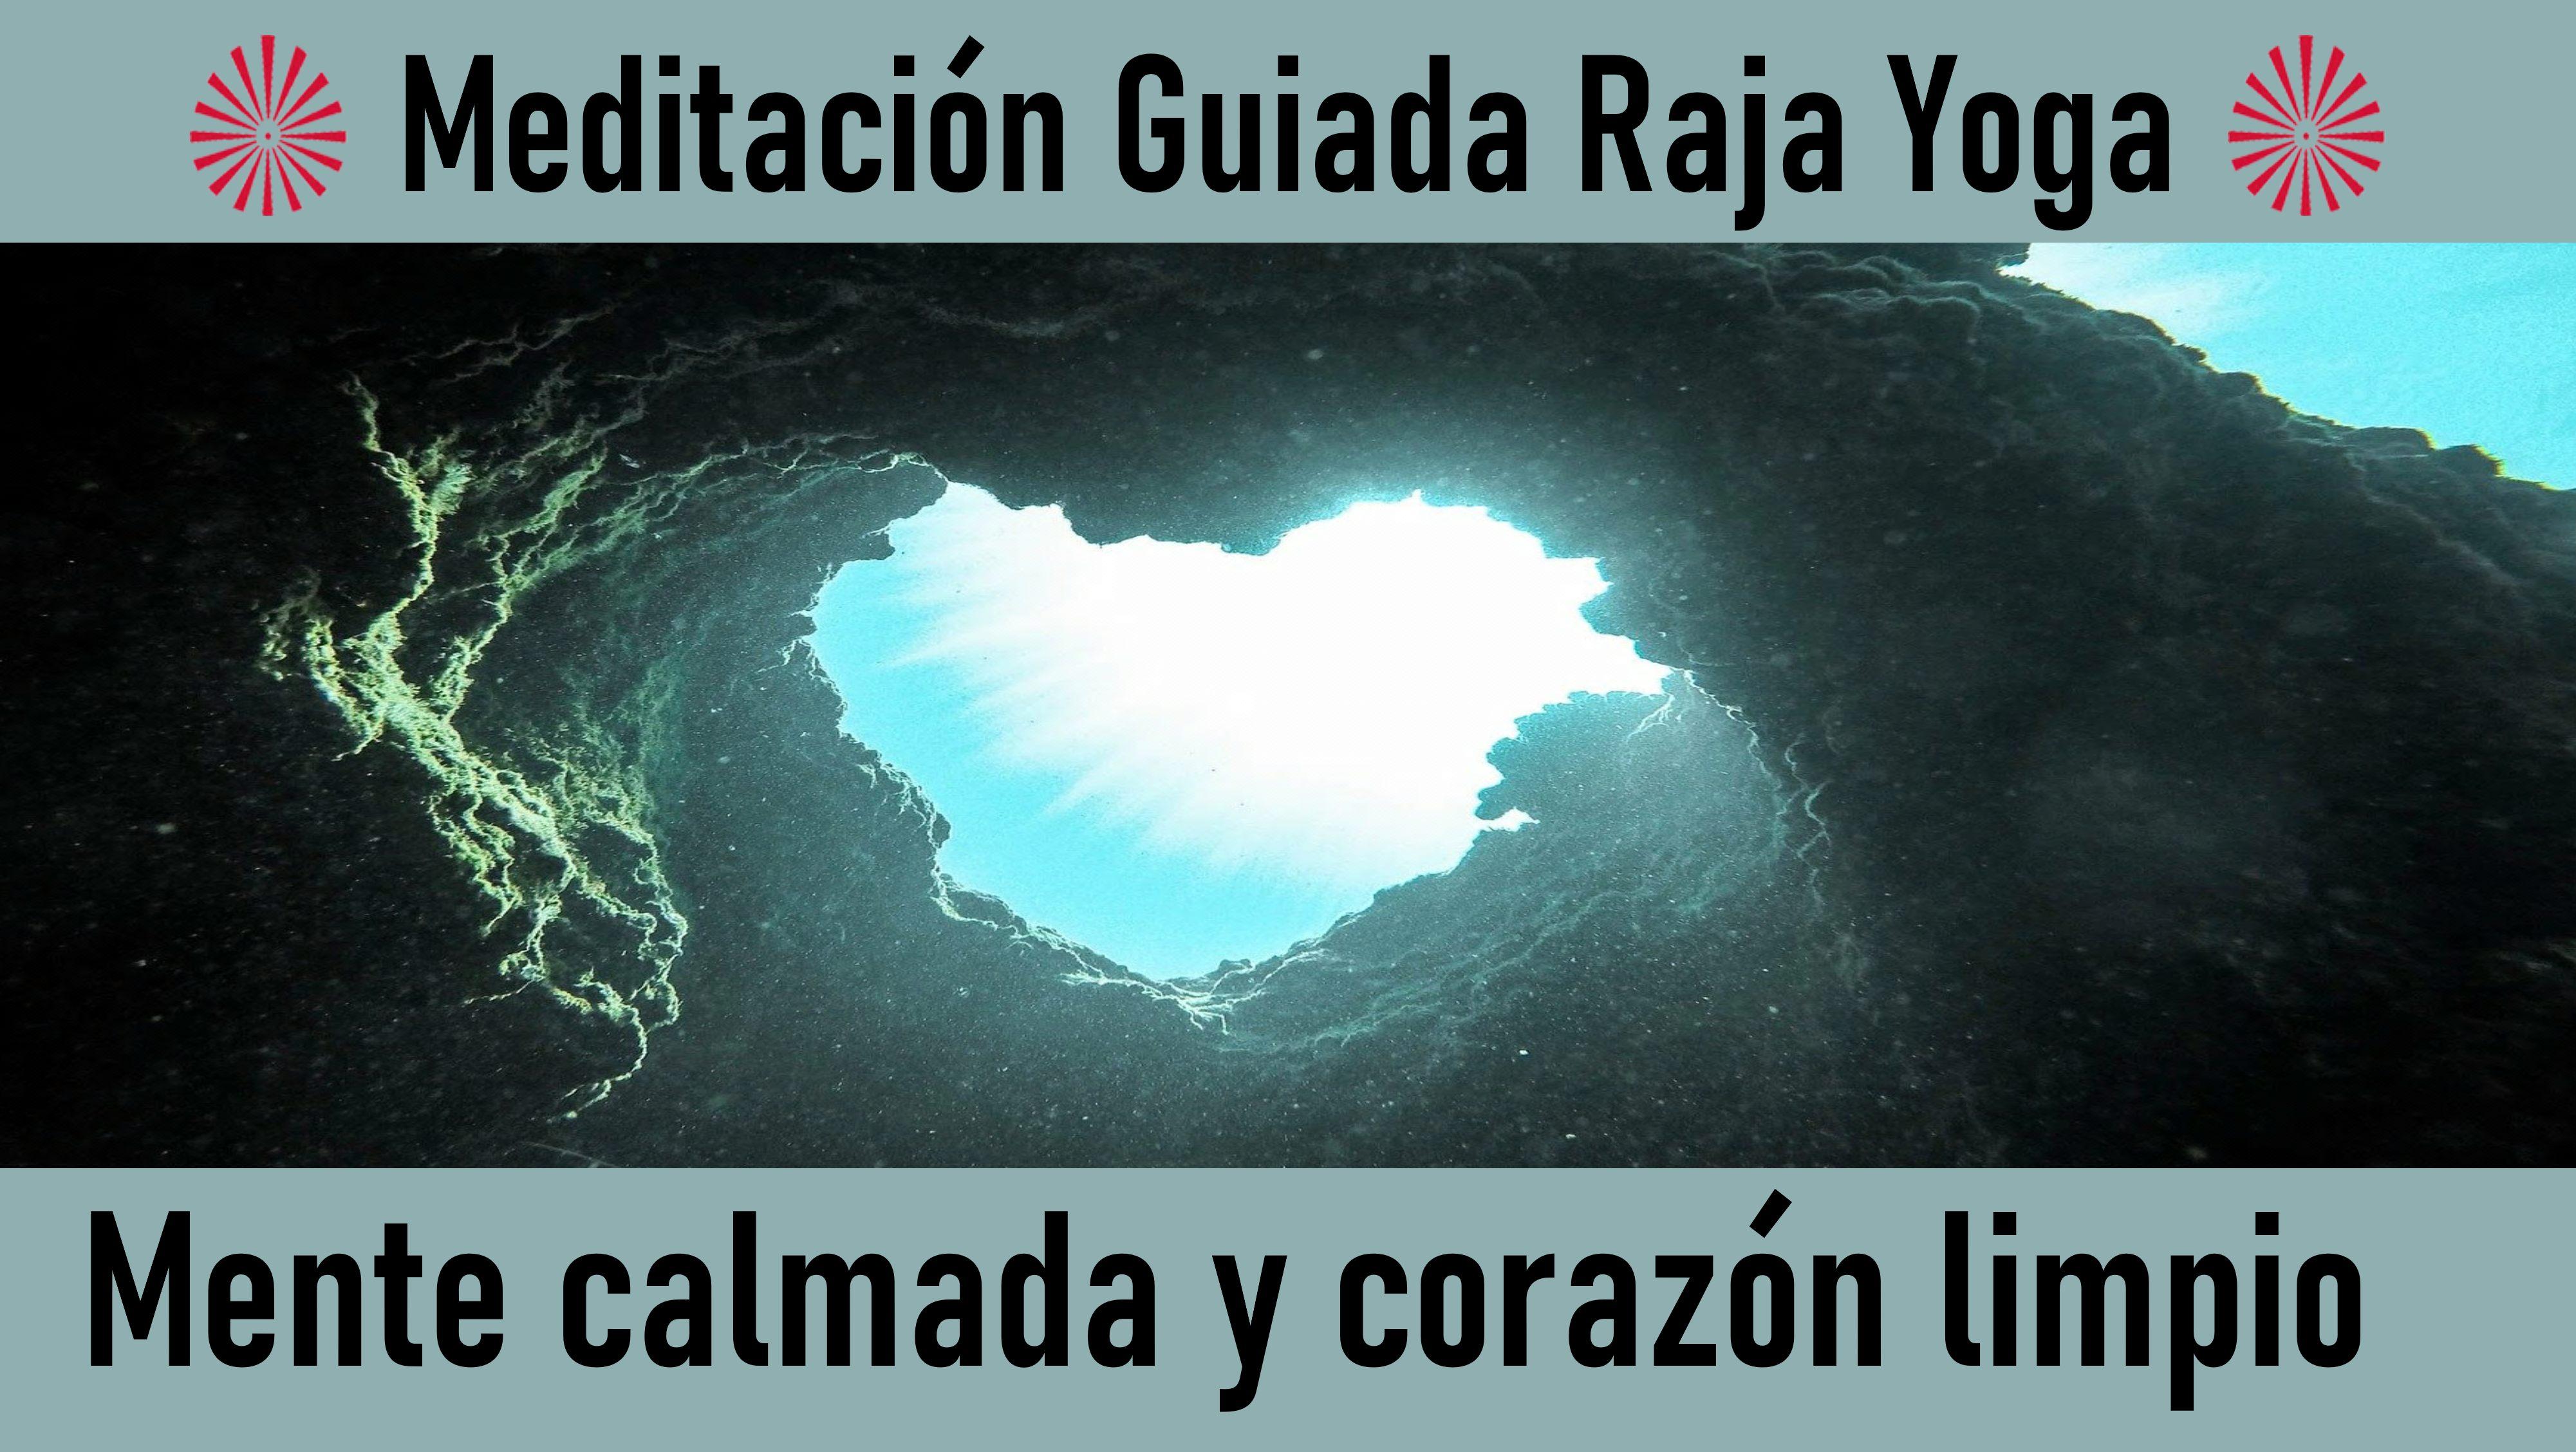 Meditación Raja Yoga: Mente calmada y corazón limpio (27 Mayo 2020) On-line desde Madrid